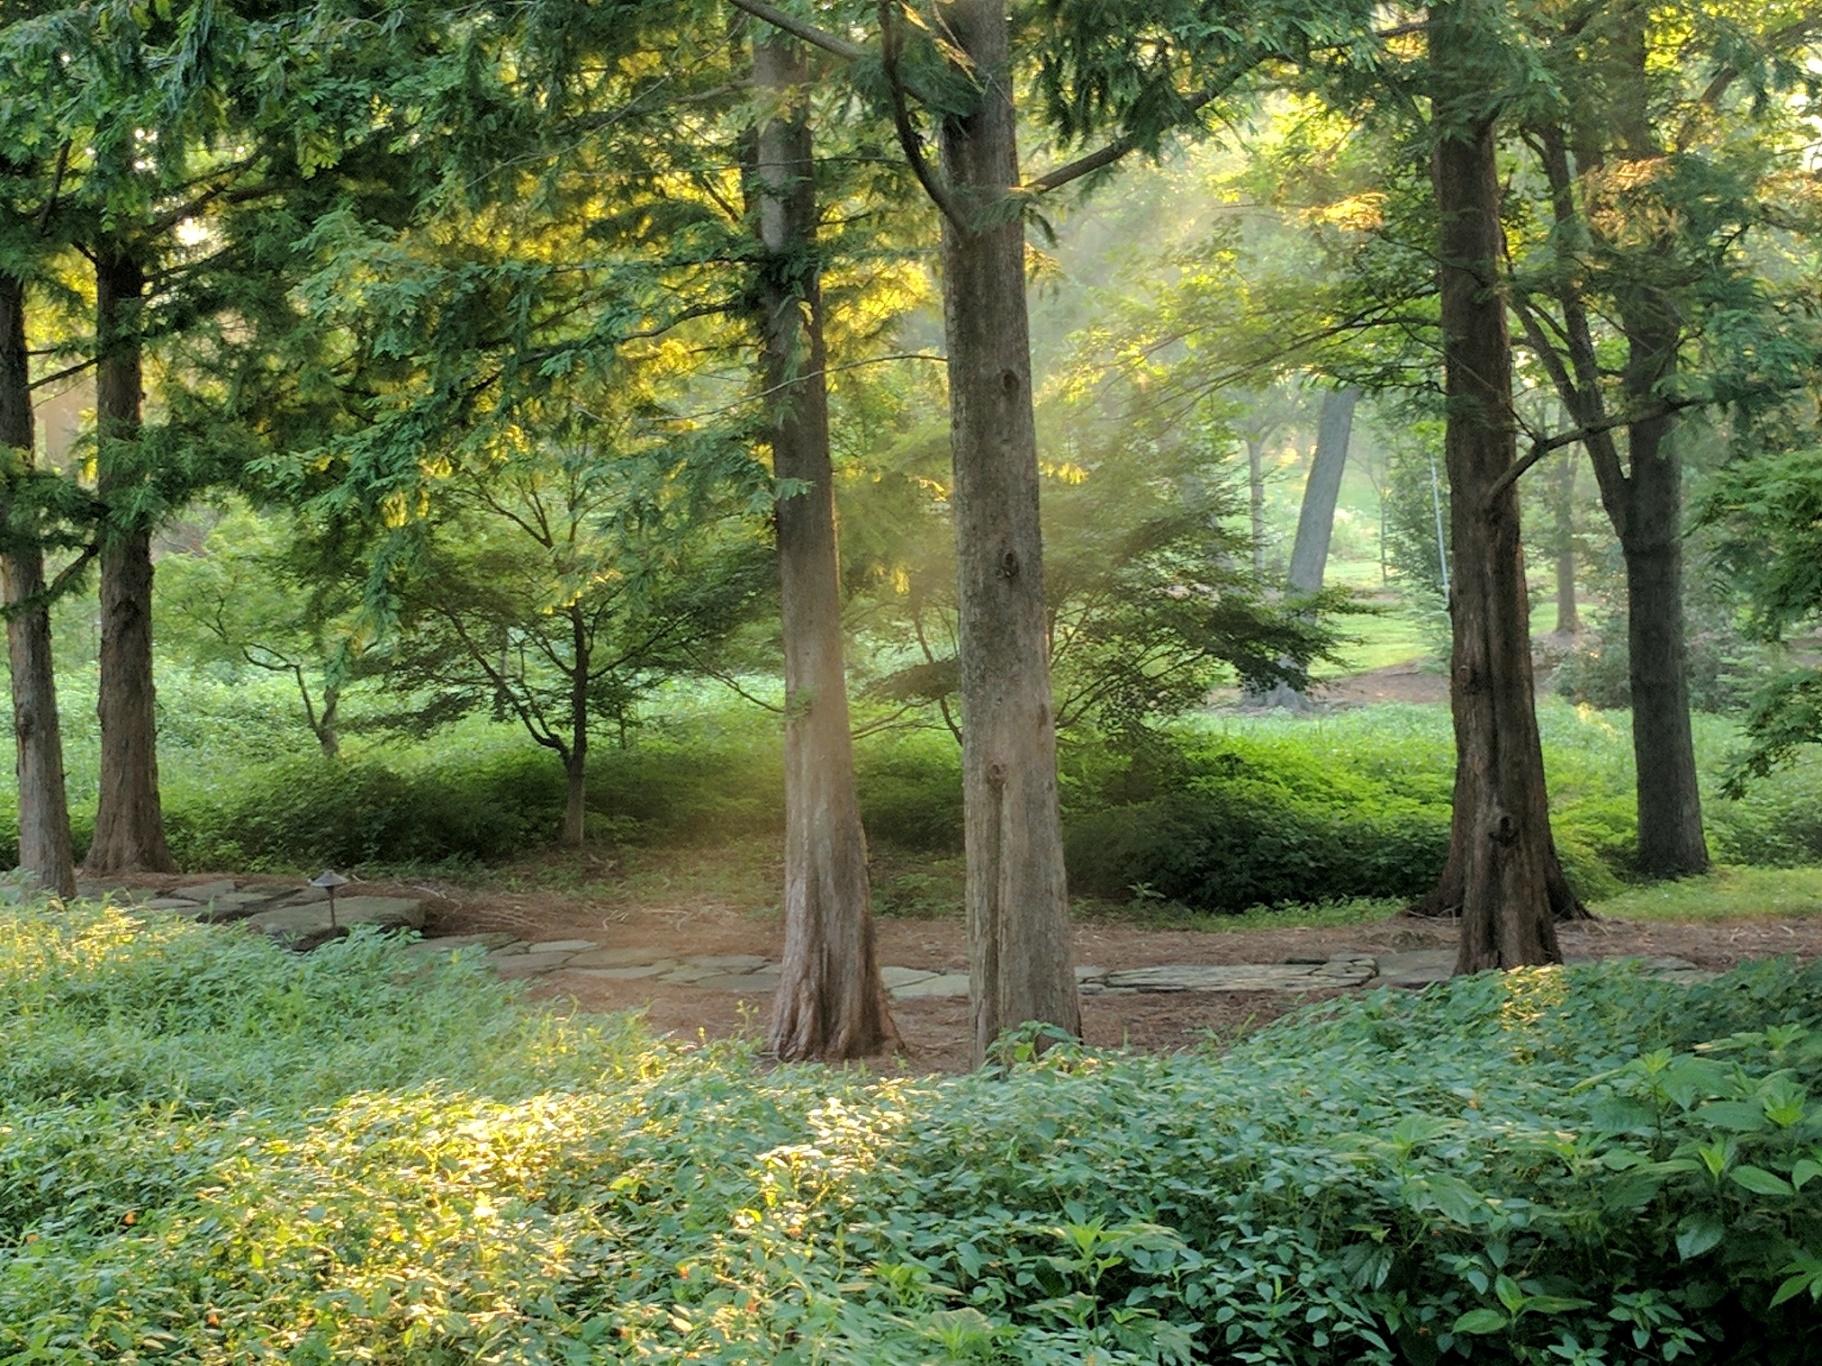 Shafts of sunlight brighten woodland garden, Manheim, PA